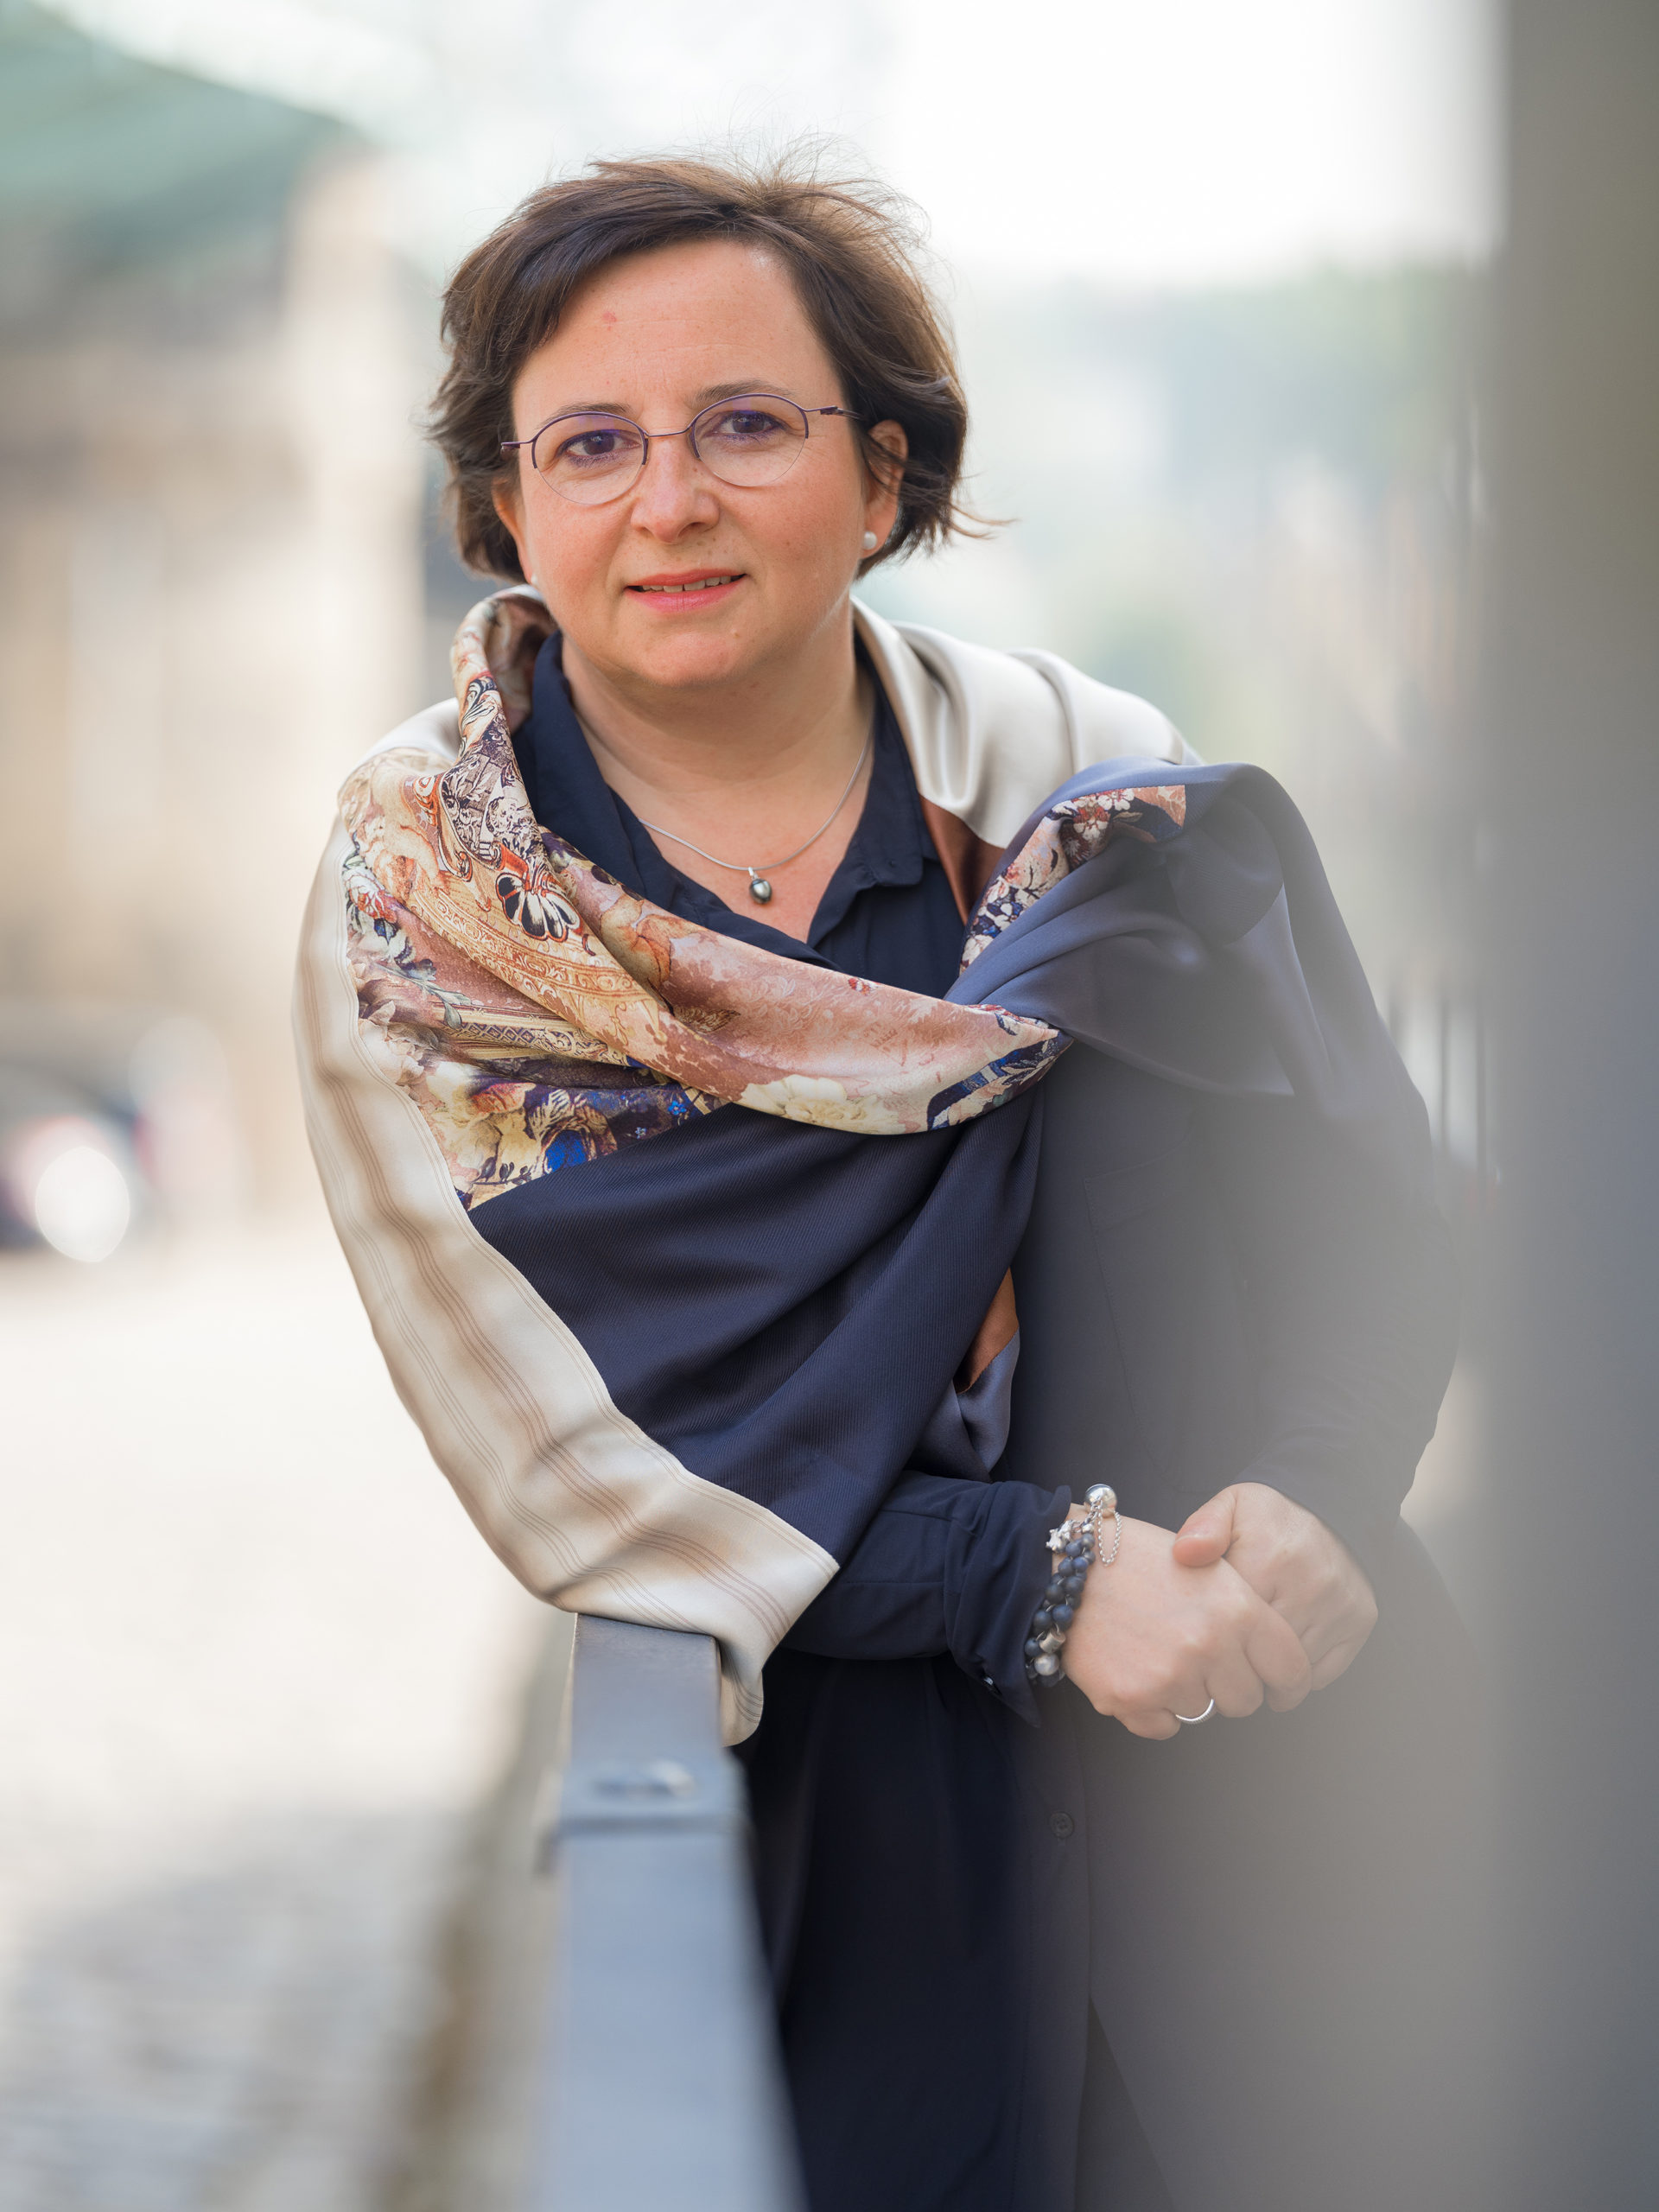 Cornelia Jahnel